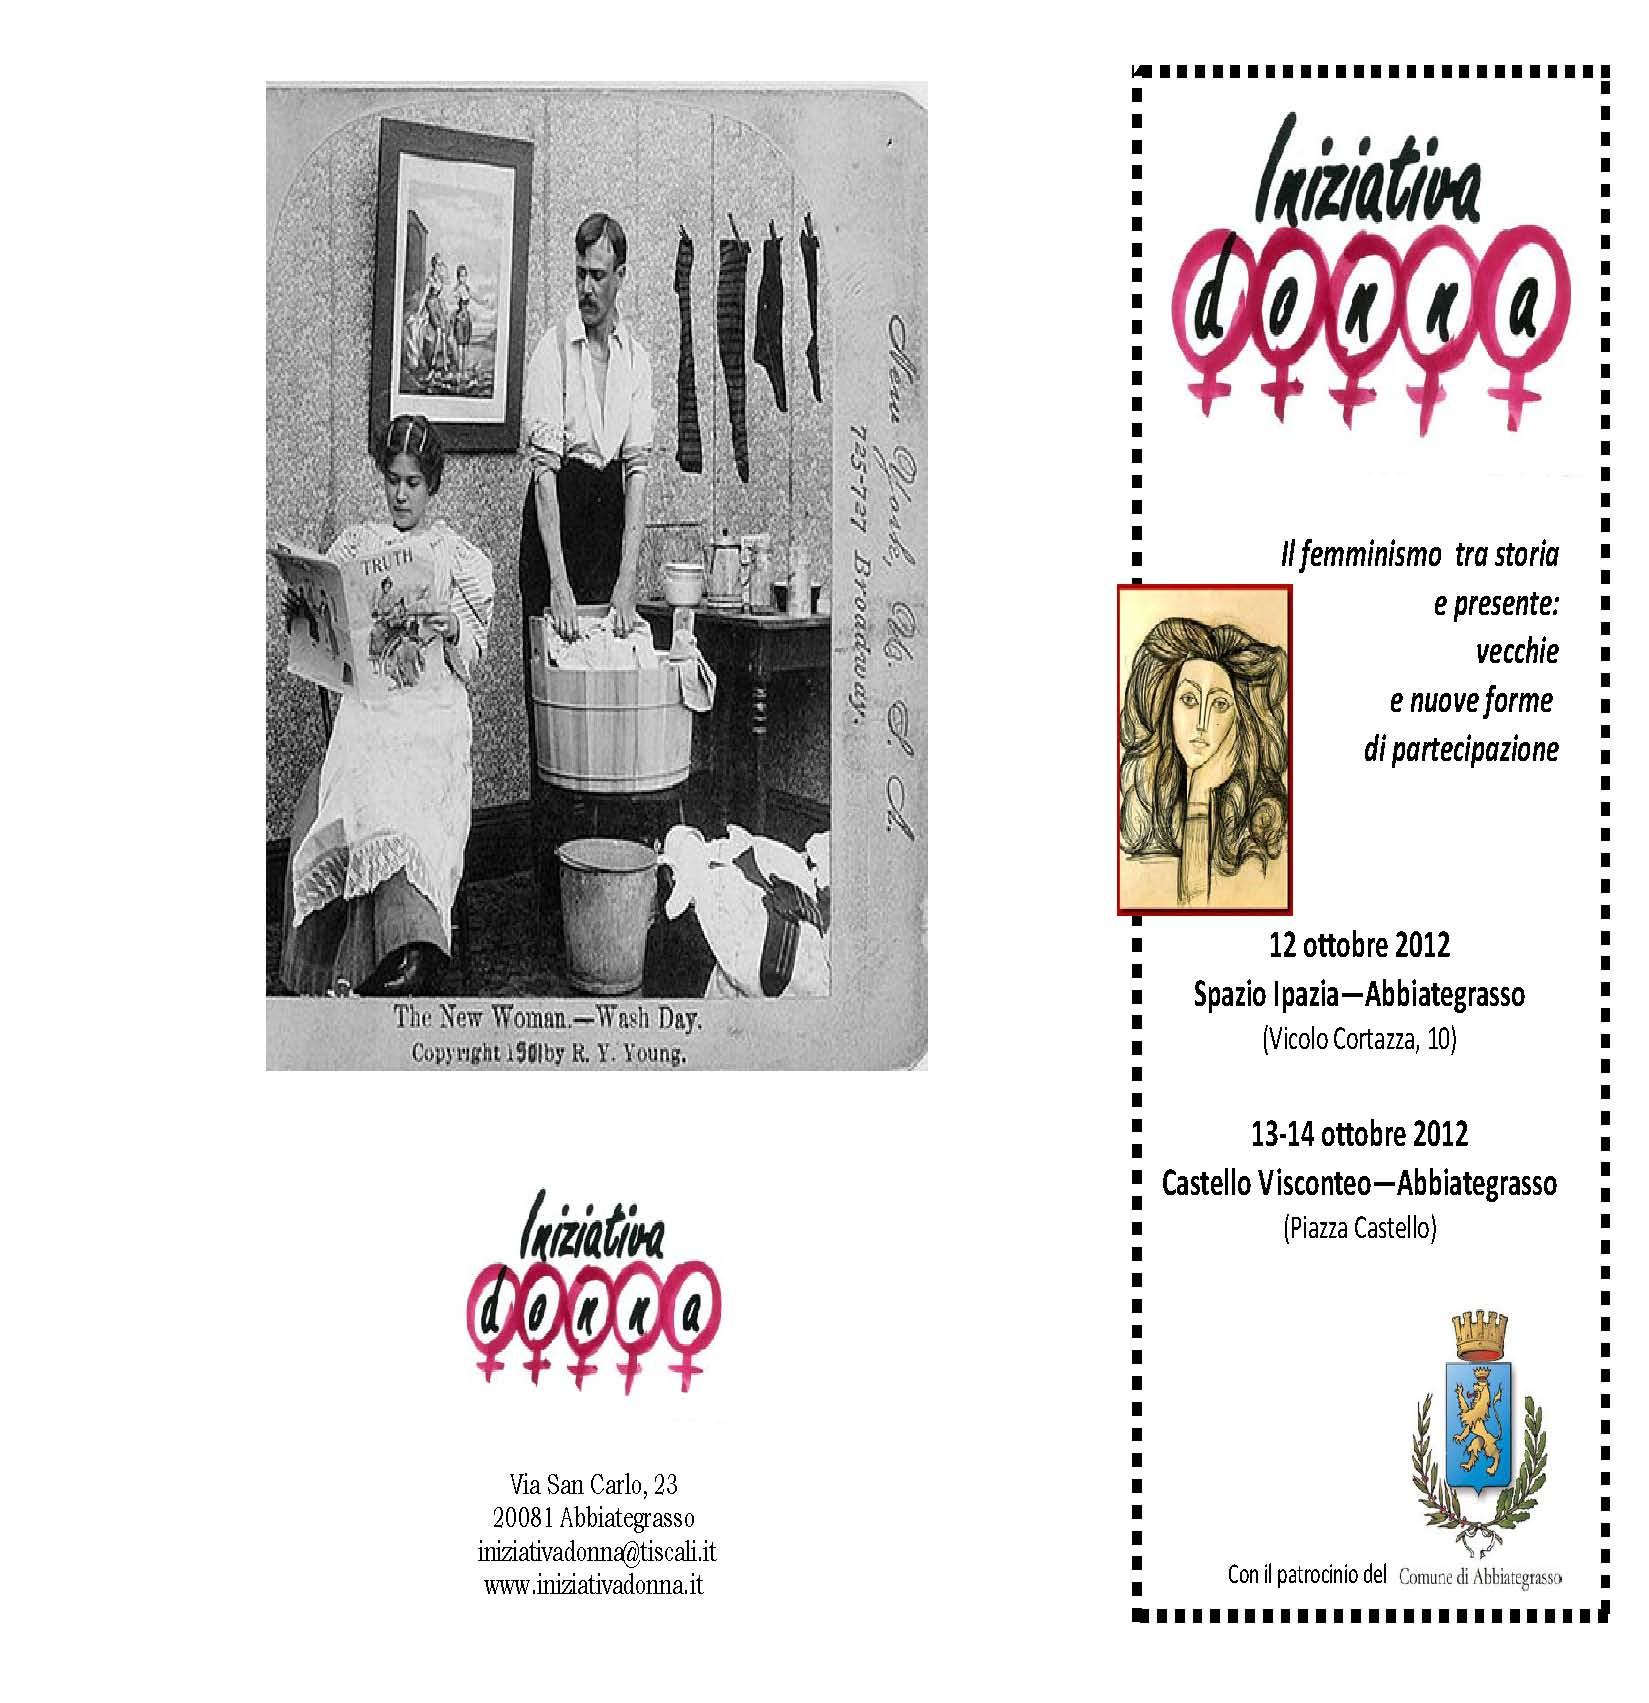 Il femminismo tra storia e presente:  vecchie e nuove forme di partecipazione  12-13-14 ottobre 2012 Castello Visconteo - Abbiategrasso